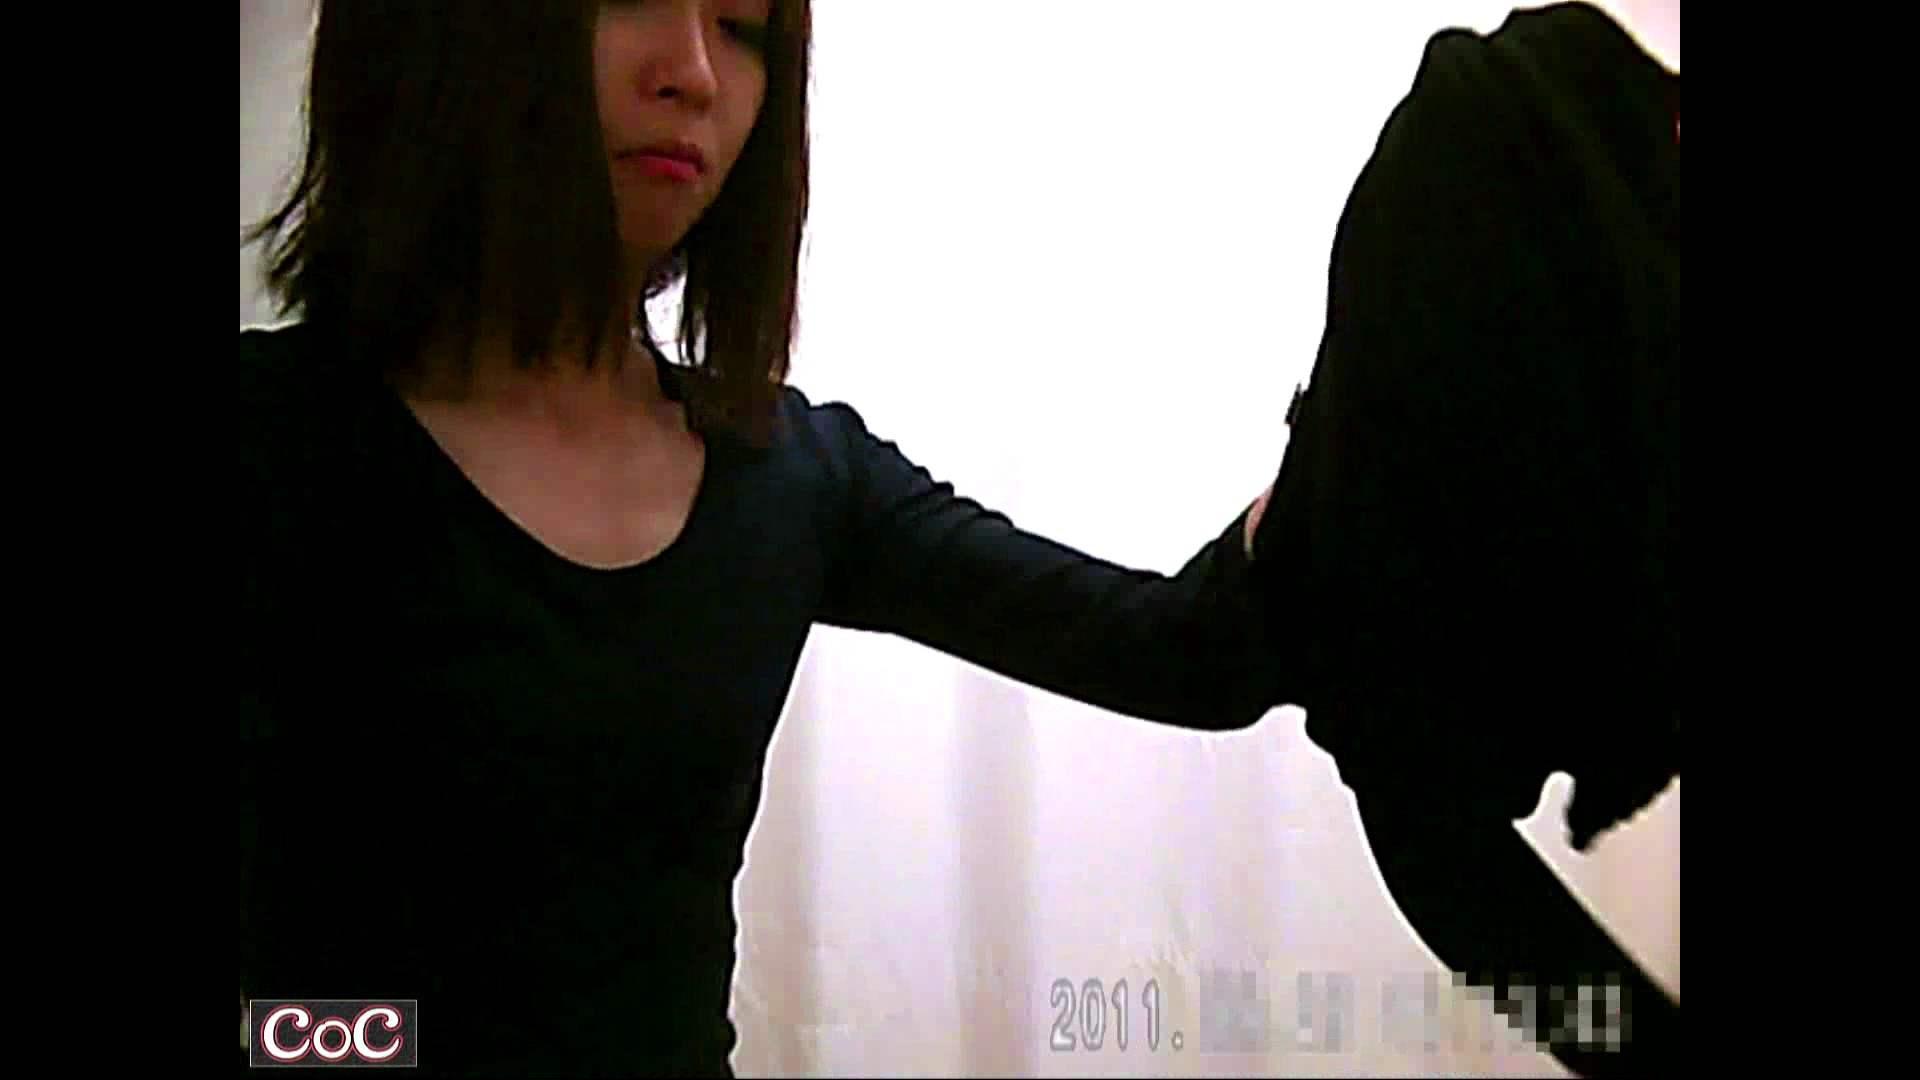 元医者による反抗 更衣室地獄絵巻 vol.253 OL   0  32連発 20